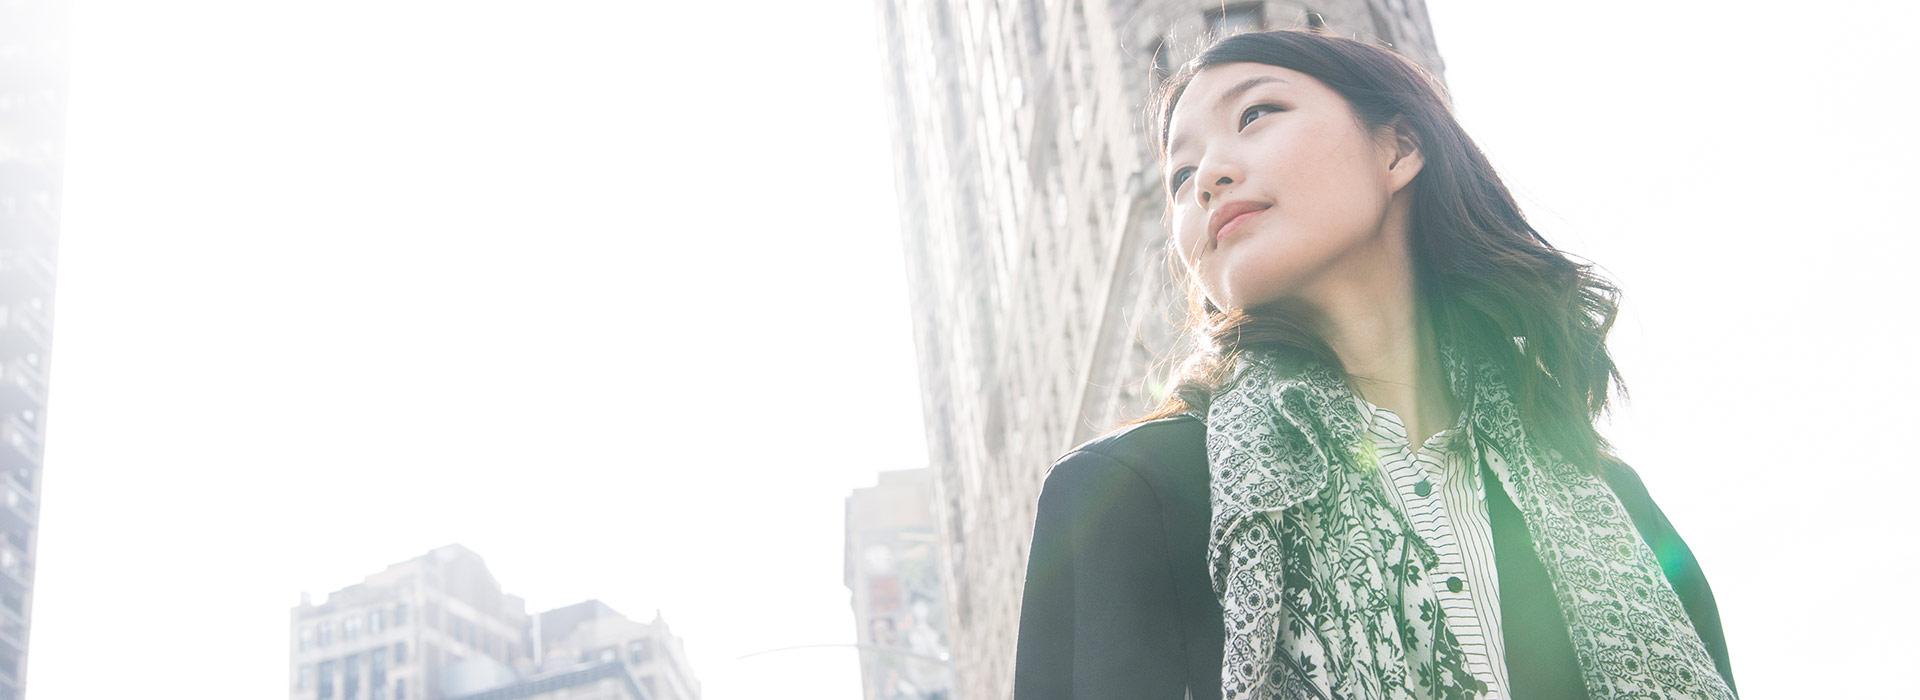 屏東女孩赴紐約追夢  成《英雄聯盟》暴紅推手